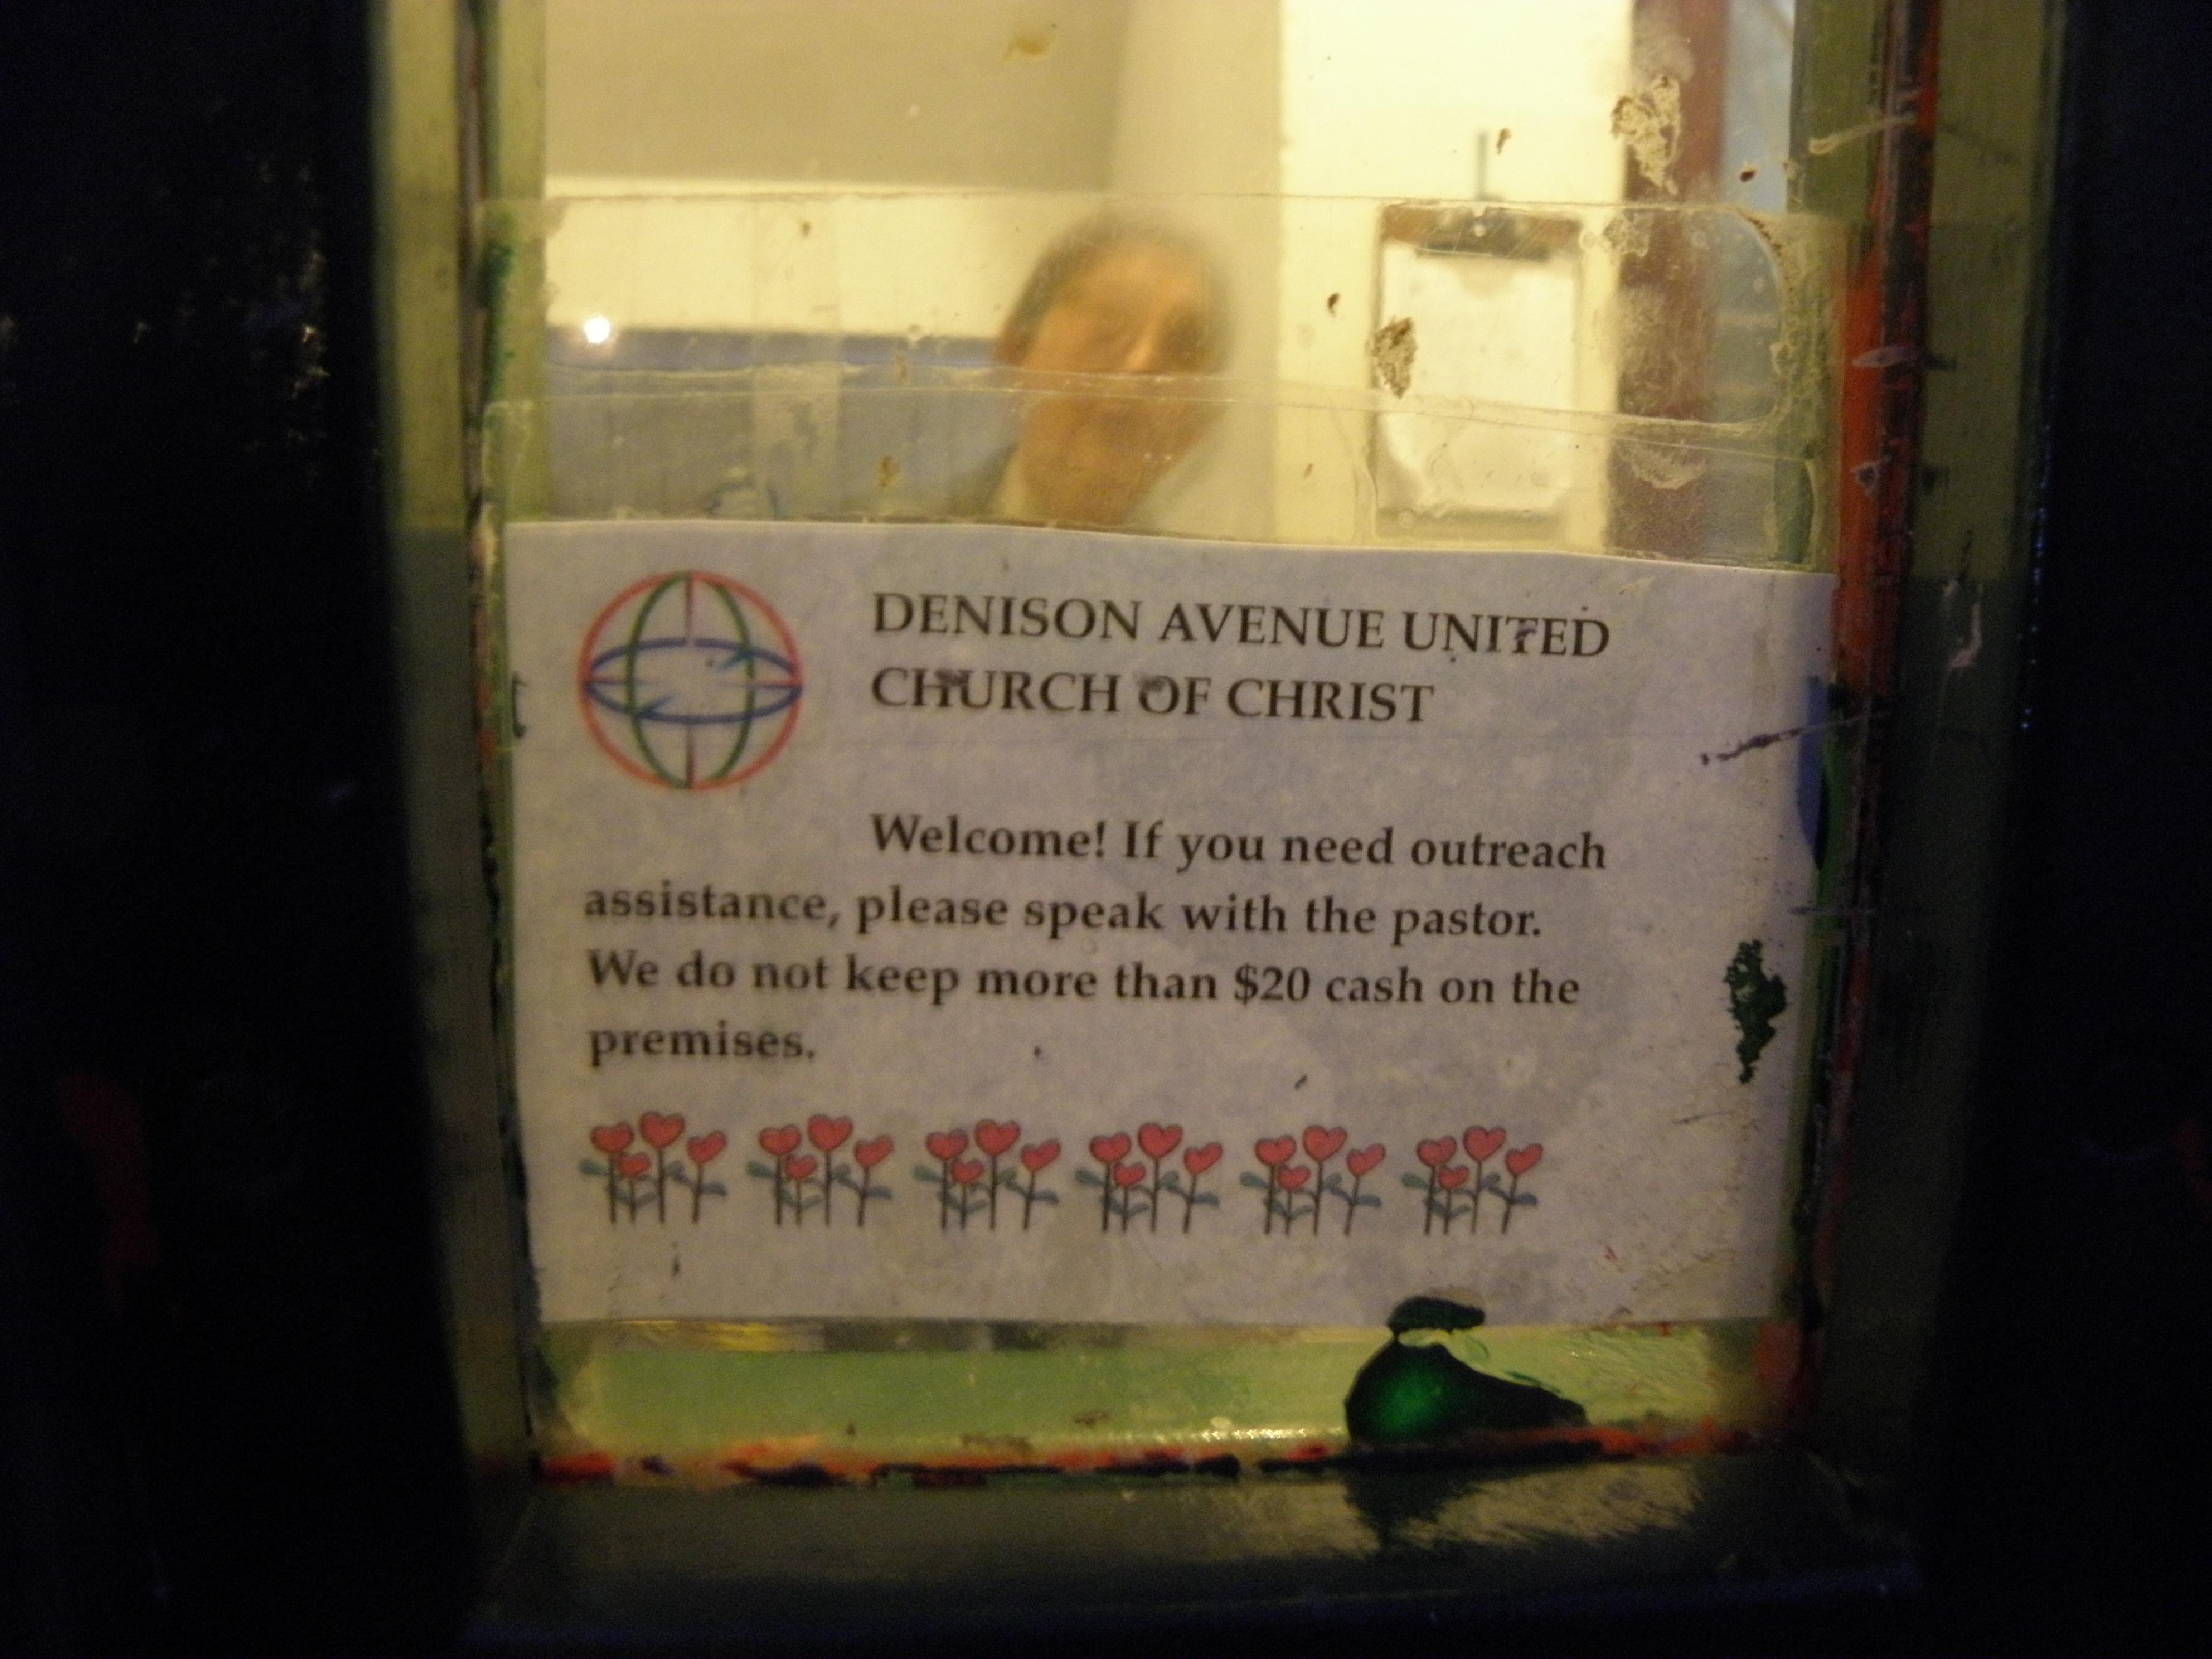 Window in door at Denison Ave. UCC, 12/17/19